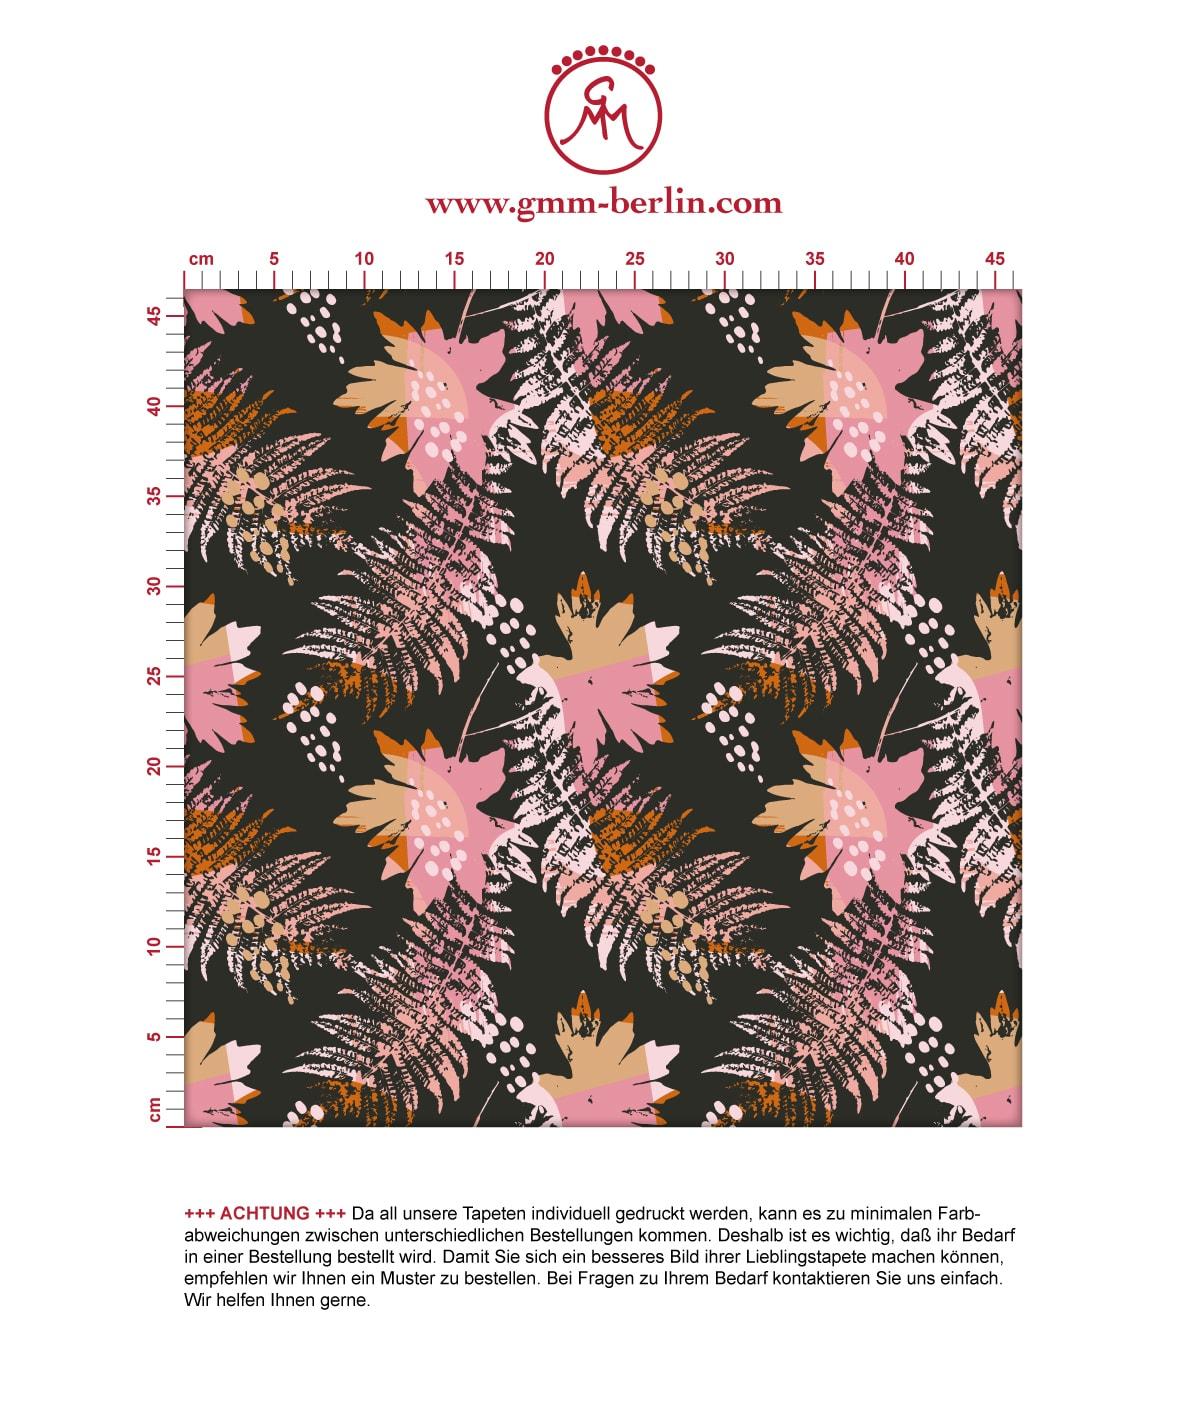 Retro Blumentapete Wildflowers in braun - florale Tapete für Schlafzimmer. Aus dem GMM-BERLIN.com Sortiment: Schöne Tapeten in der Farbe: rosa